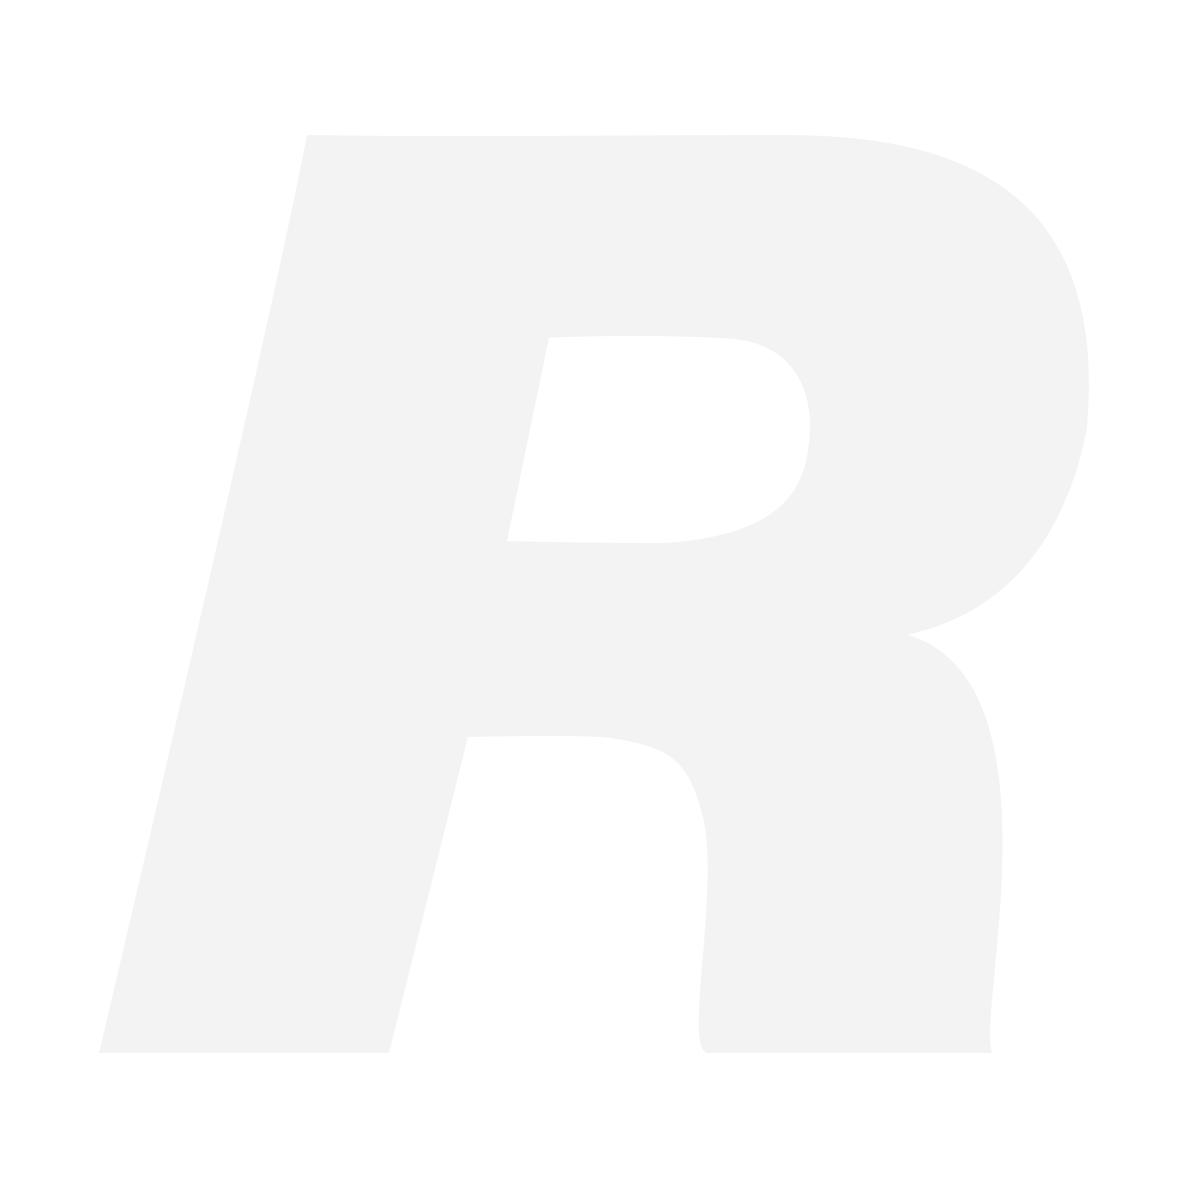 Gossen Digipro F2 -valotusmittari